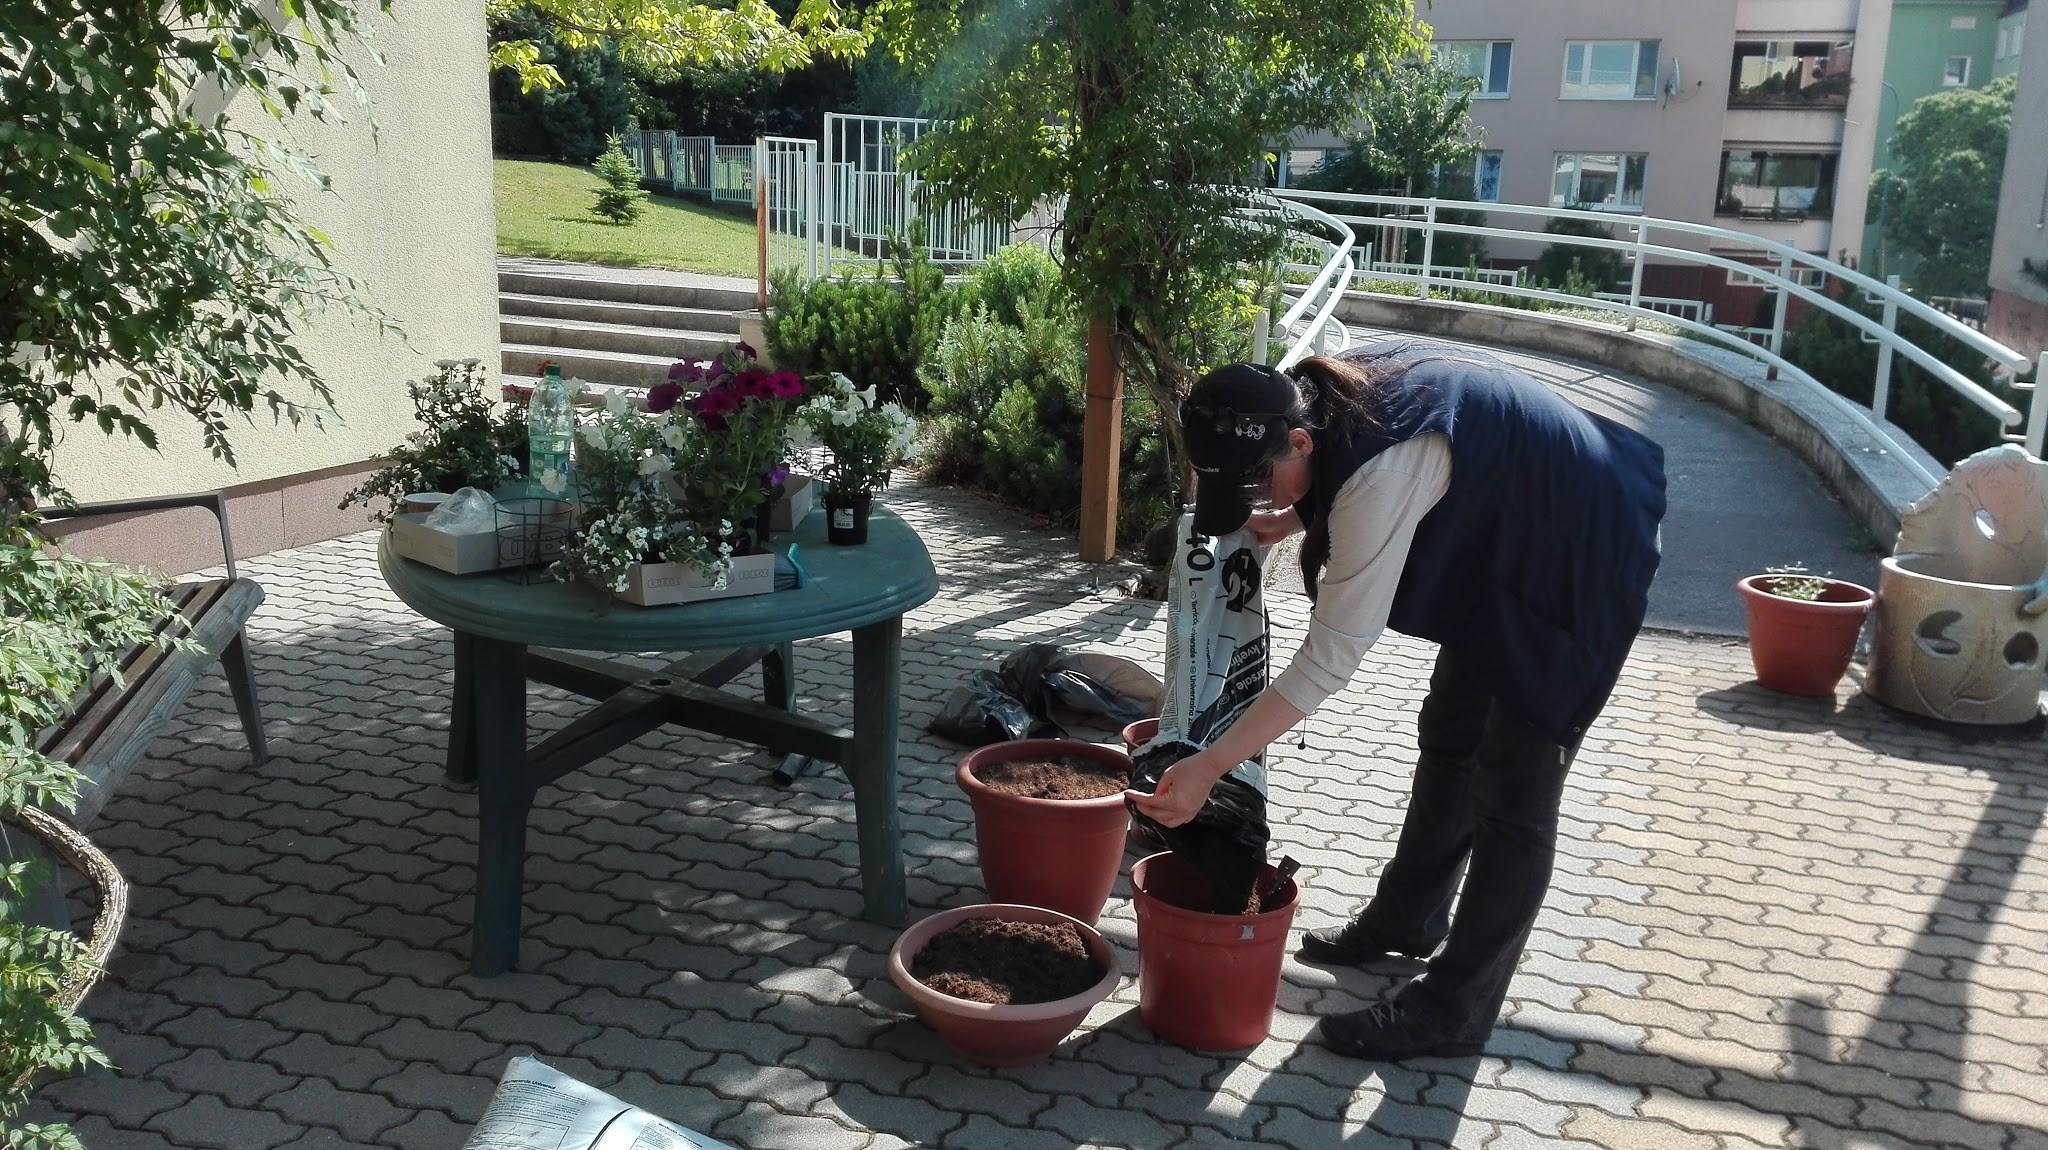 Niektoré kvety v hlavnom meste môžete obdivovať aj vďaka bezdomovcom, ktorí spolupracujú s mimovládnou organizáciou STOPA.